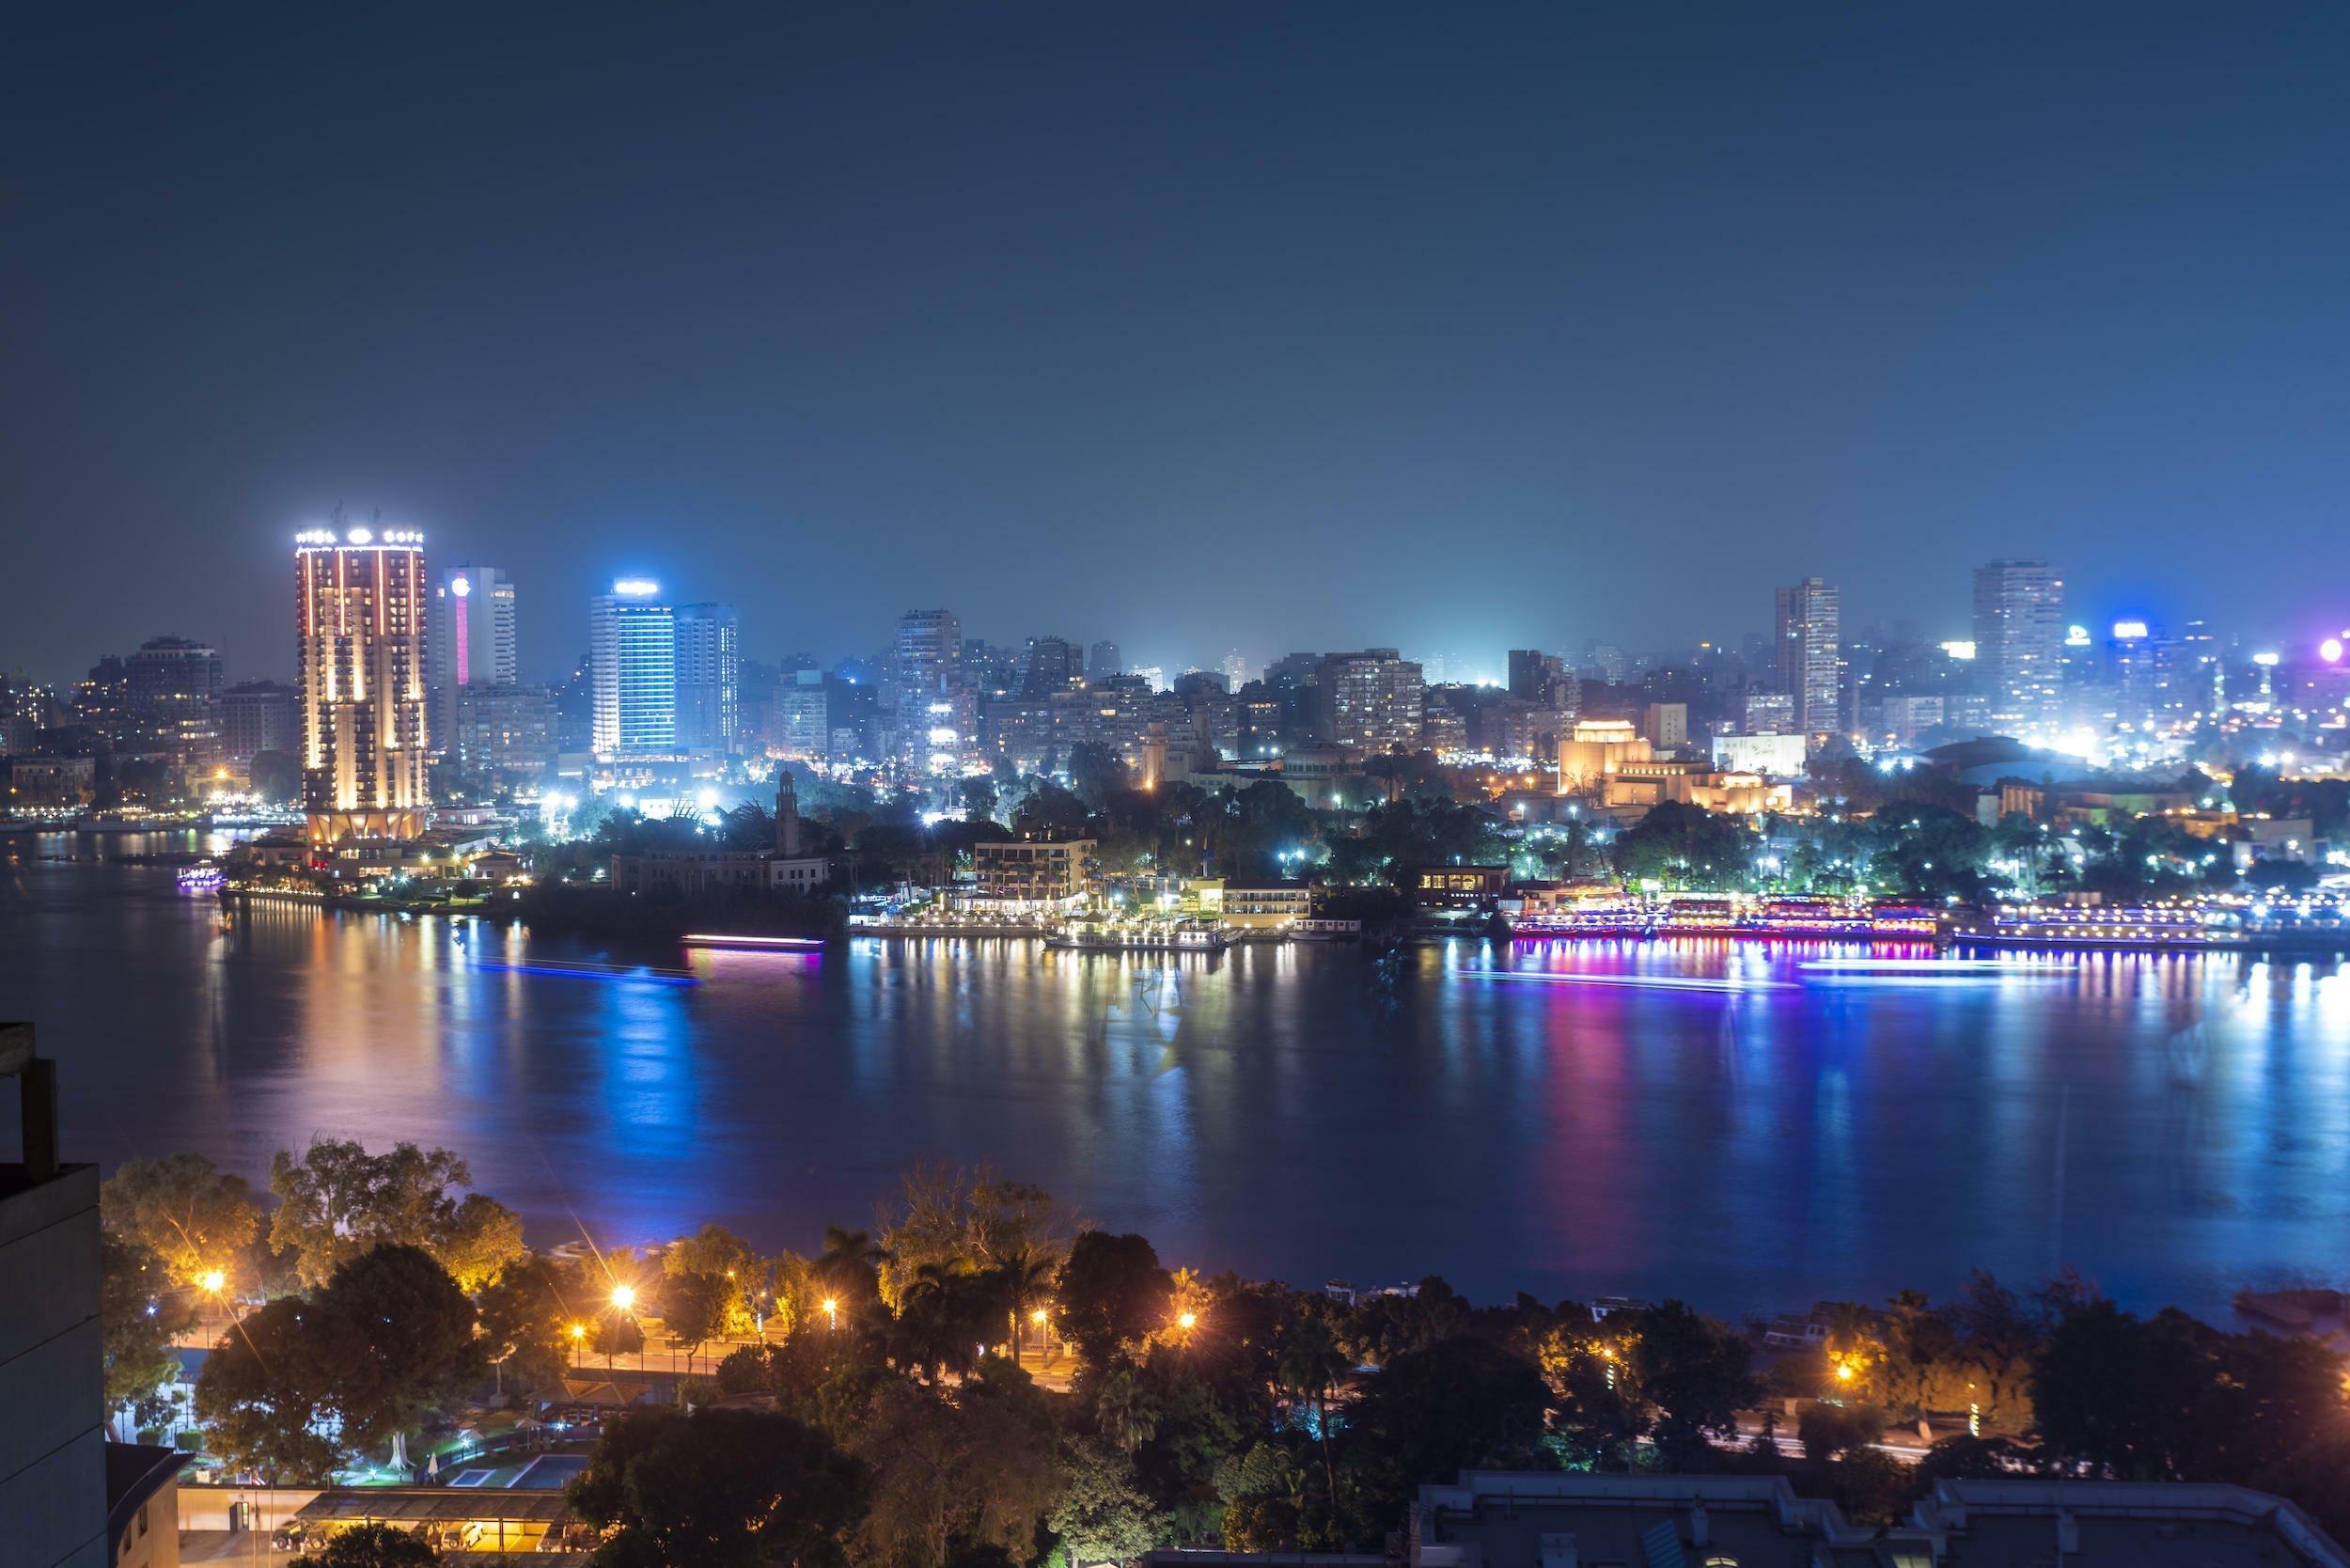 Die Skyline von Kairo bei Nacht mit dem Nil im Vordergrund.